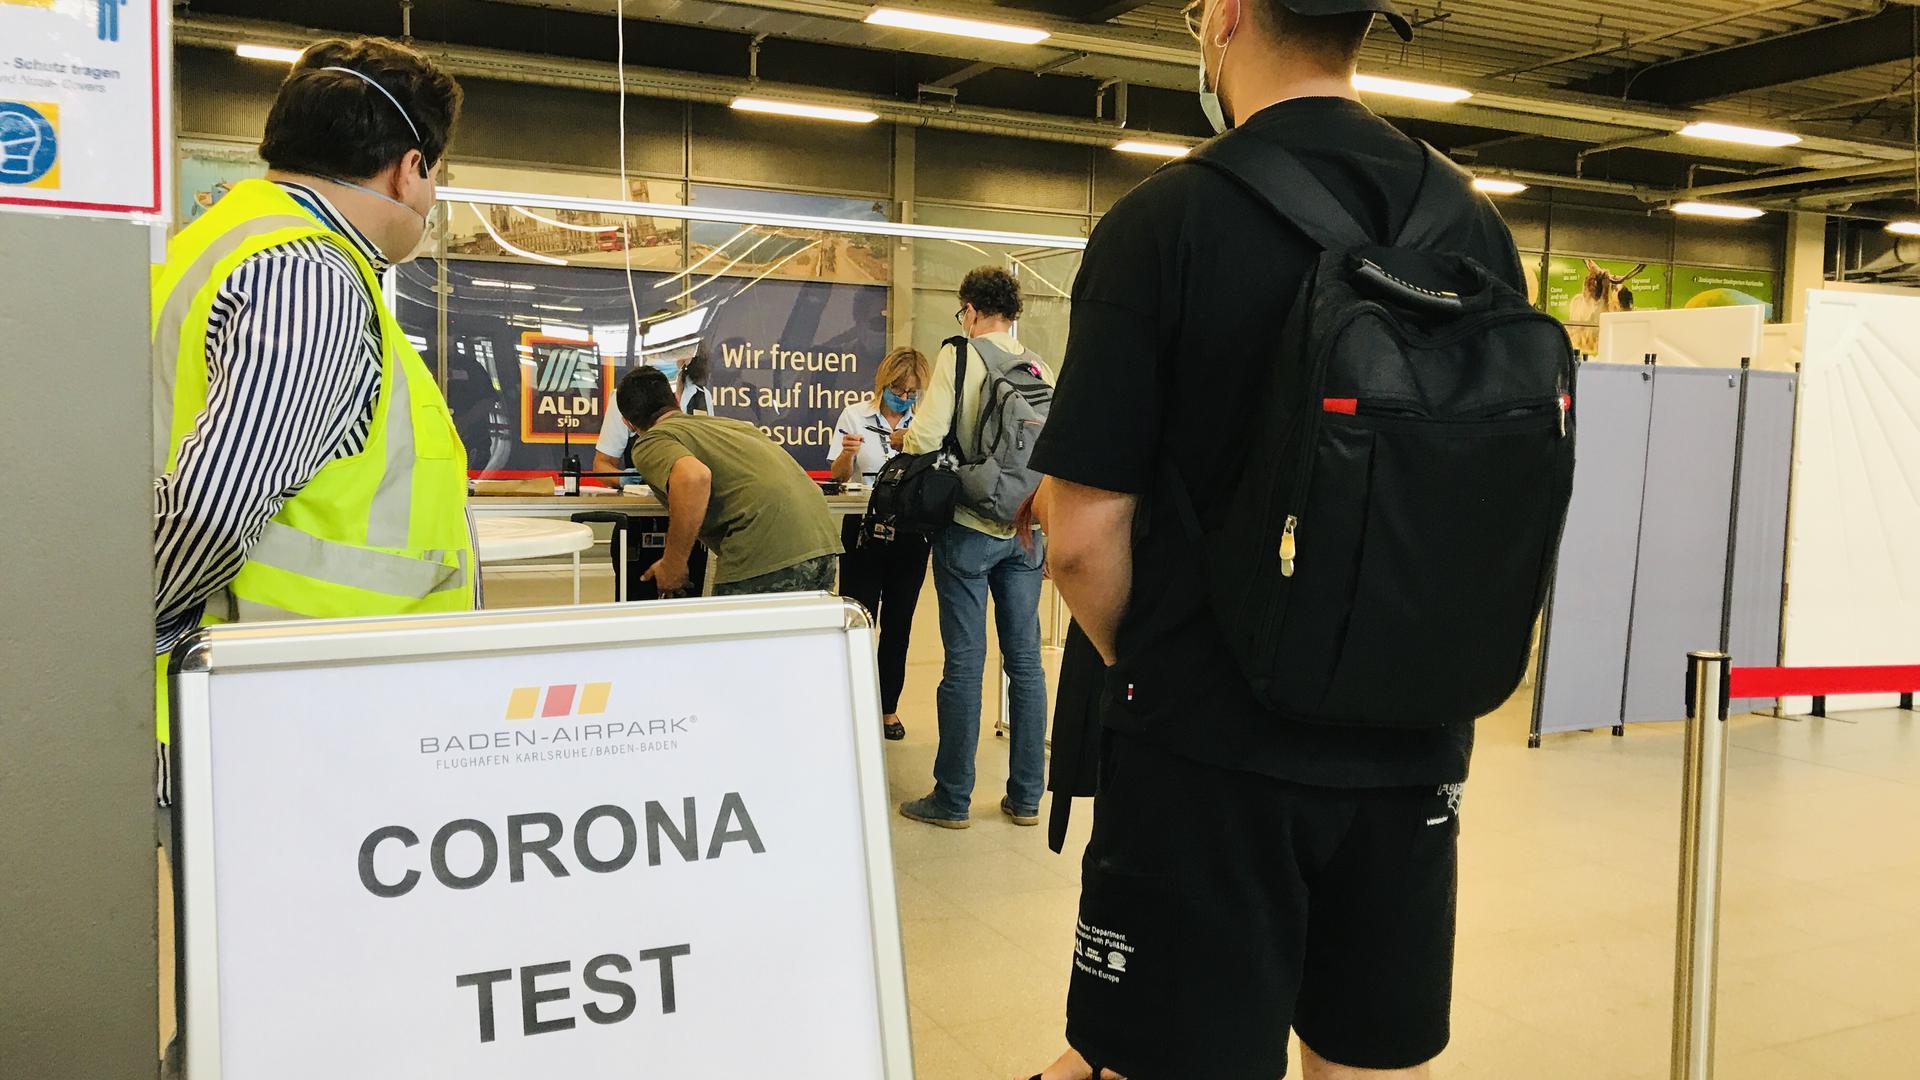 Menschen stehen vor einem kleinen und mit Stellwänden abgetrennten Bereich, in dem am Flughaen Karlsruhe/Baden-Baden kostenlose Corona-Tests erfolgen.